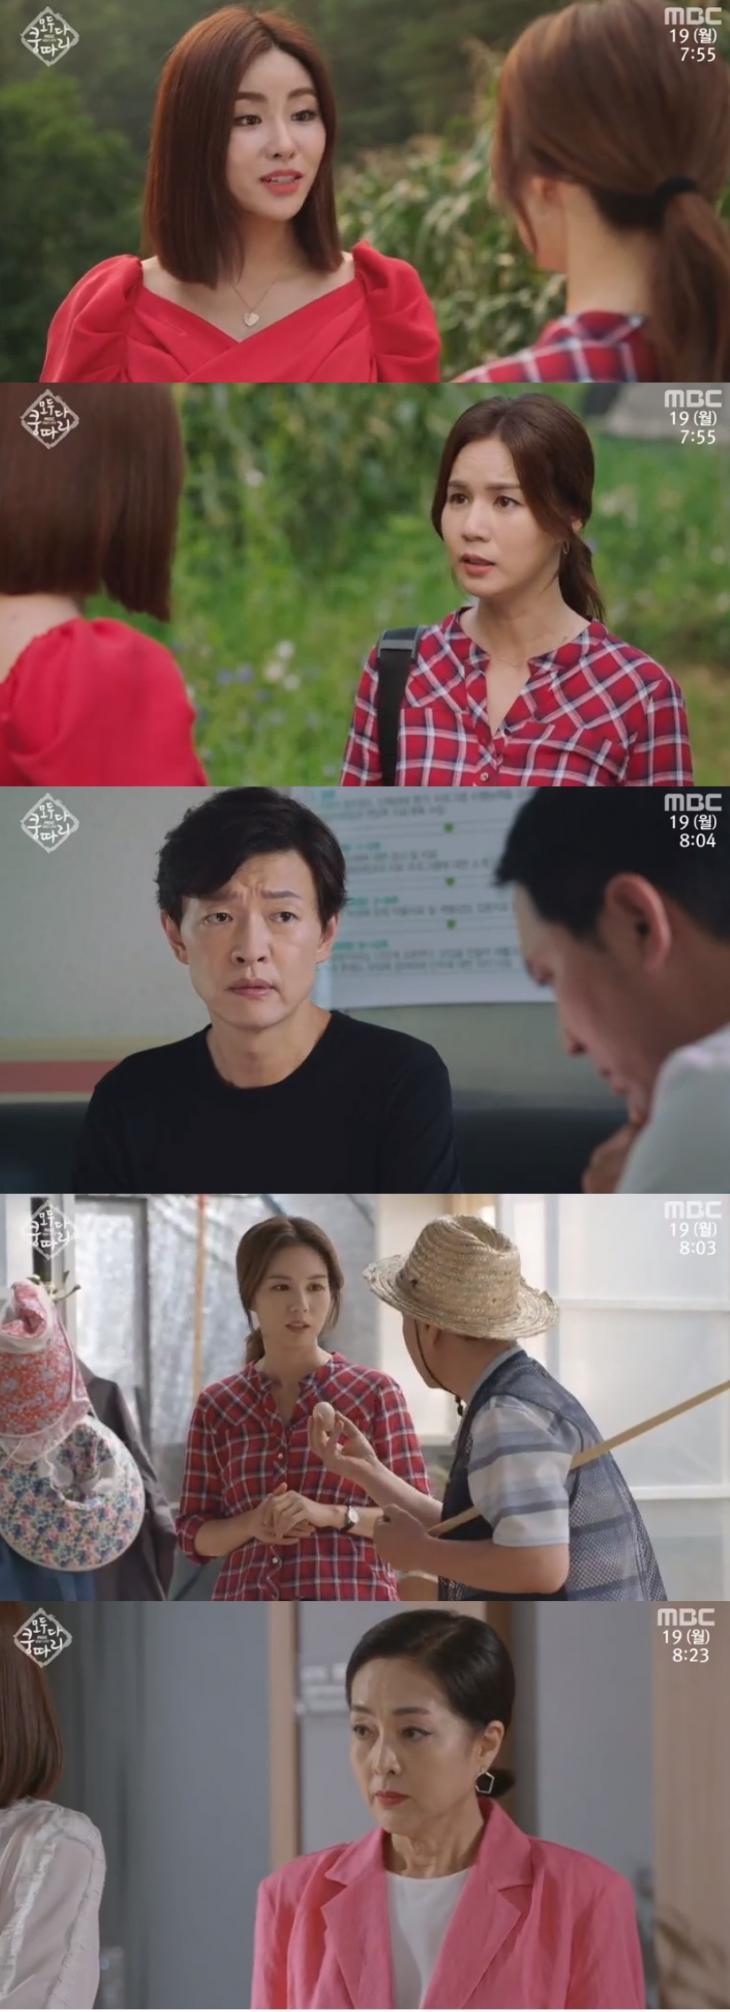 박시은 이보희 김호진 / MBC '모두 다 쿵따리' 캡처